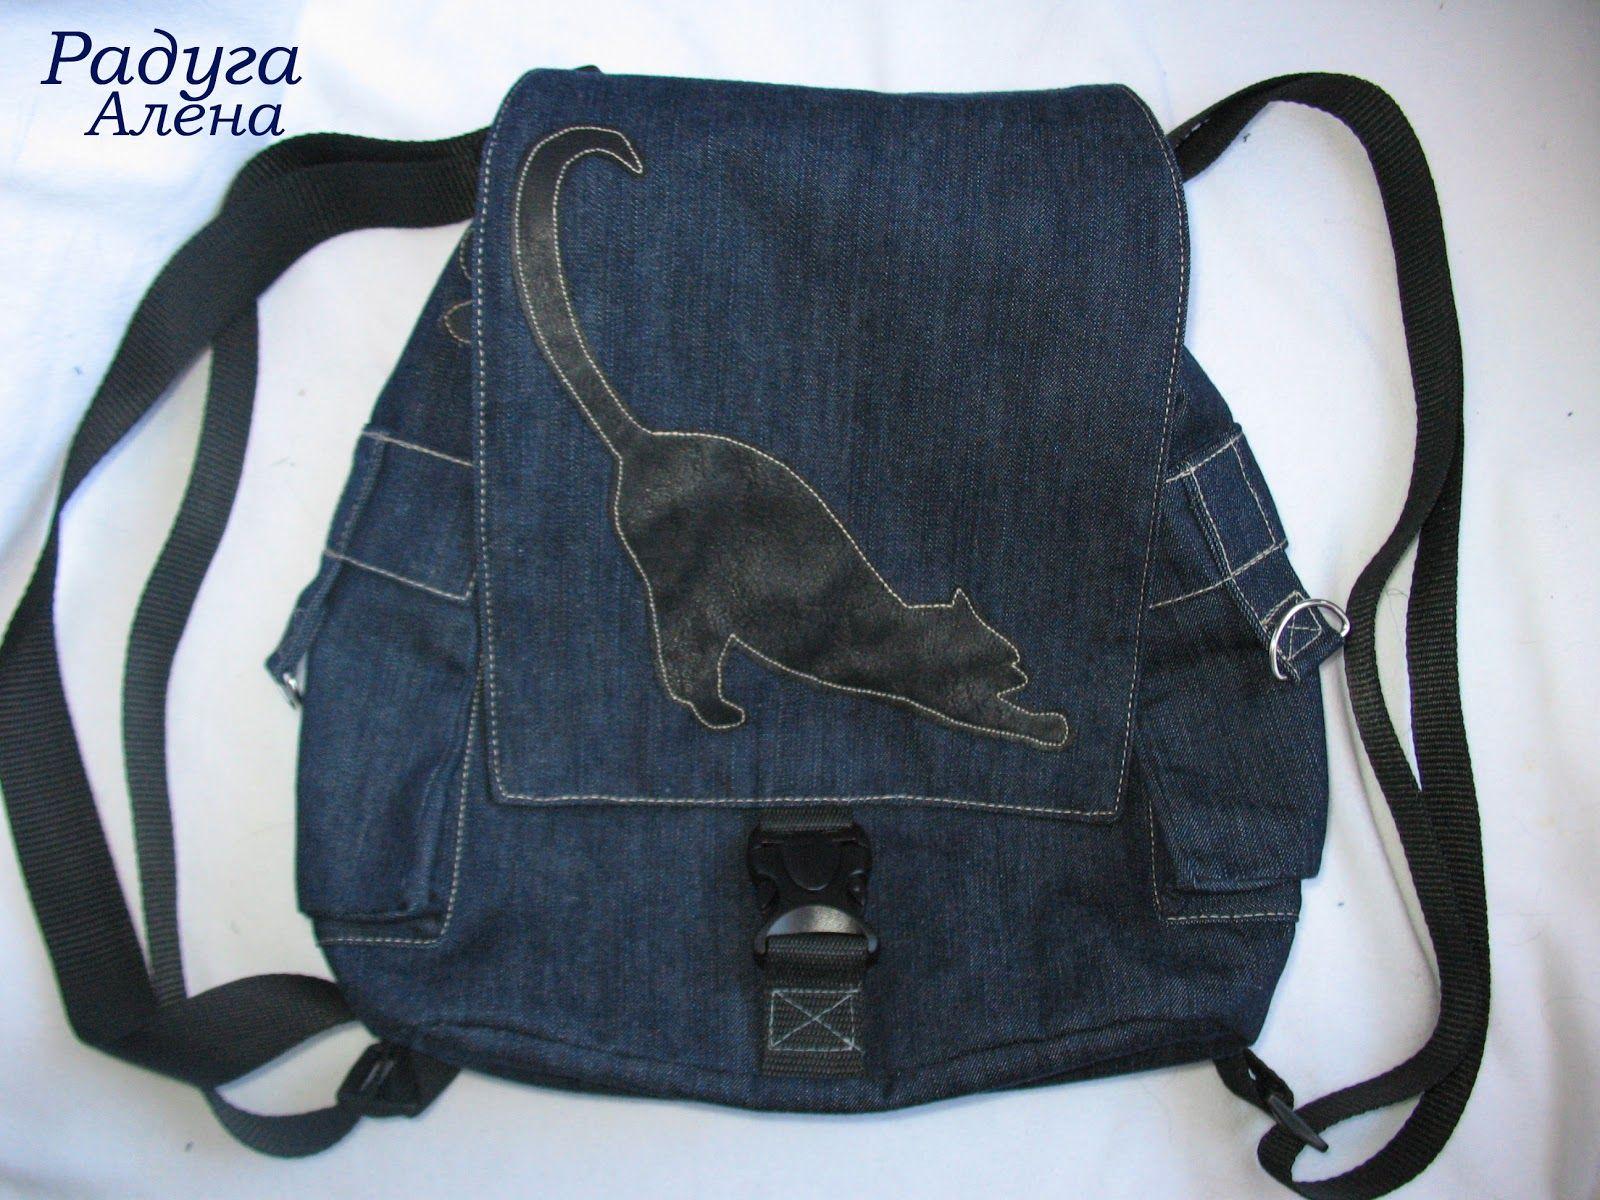 Как пошить рюкзак из джинсов видео купить школьный рюкзак в москве